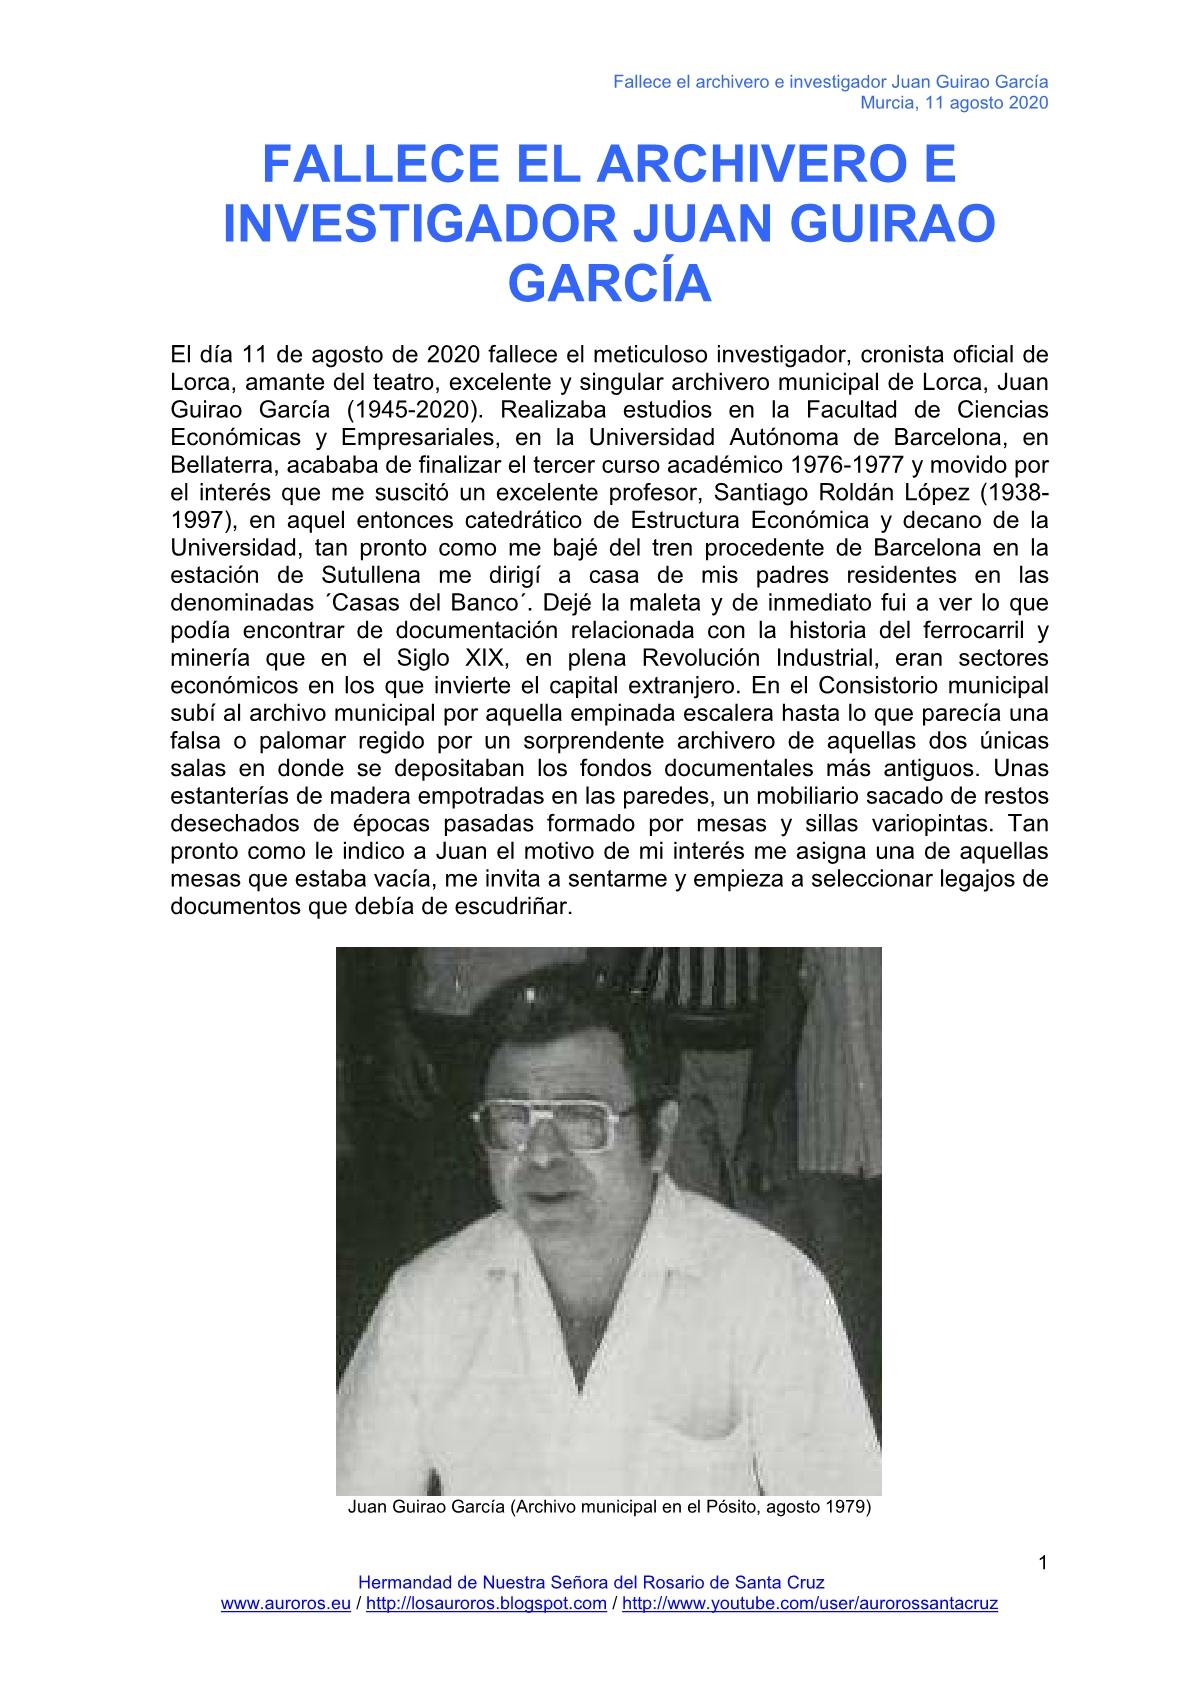 FALLECE EL ARCHIVERO E INVESTIGADOR JUAN GUIRAO GARCÍA